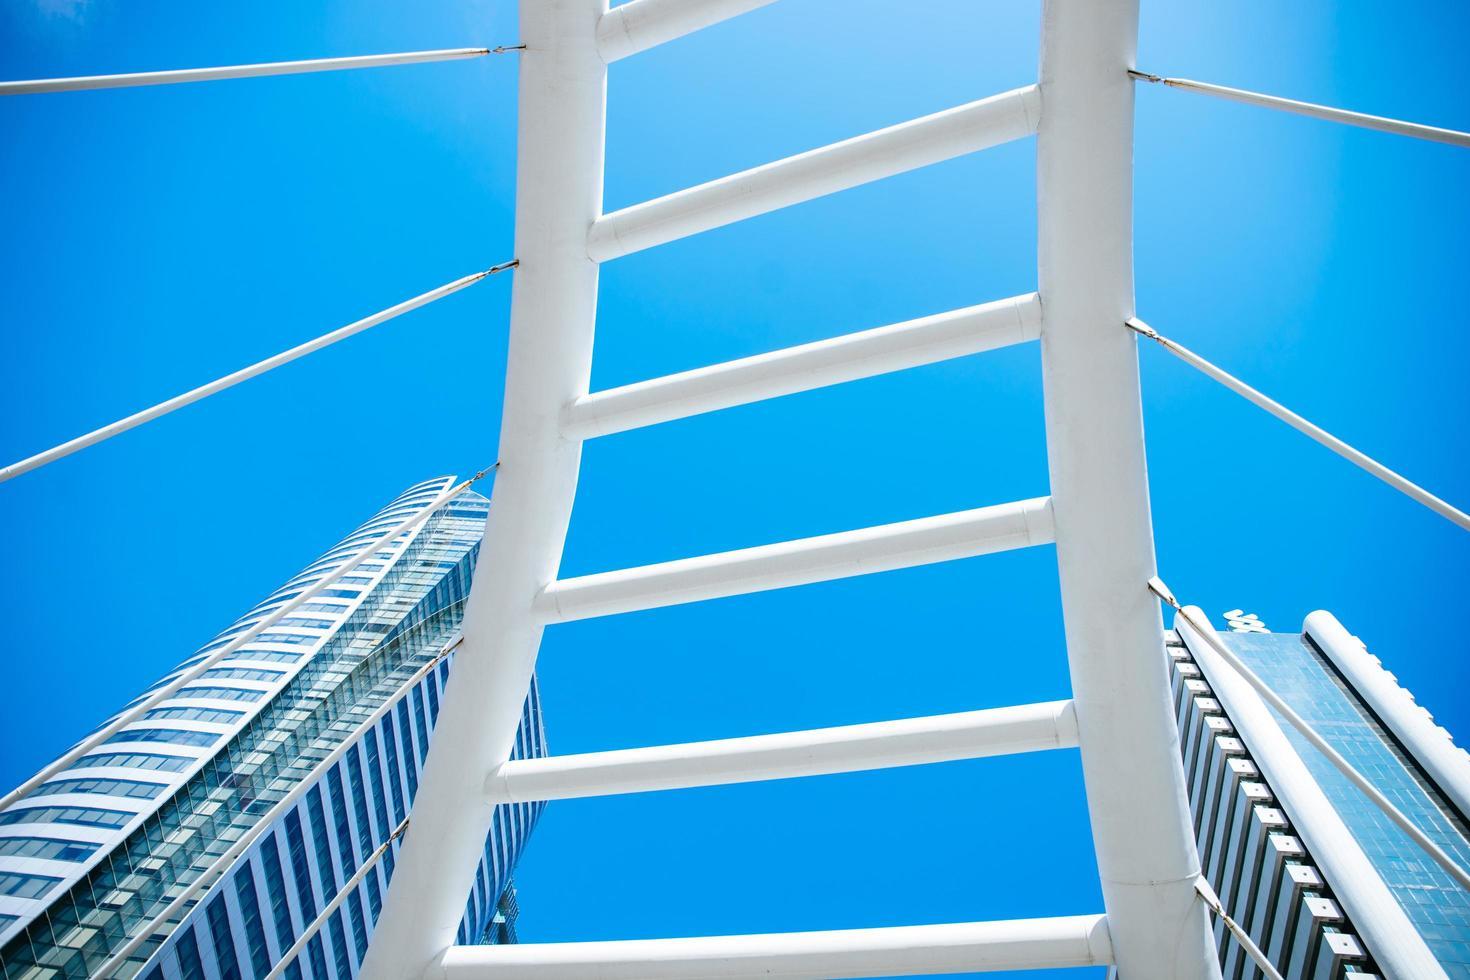 grattacielo contro il cielo blu foto